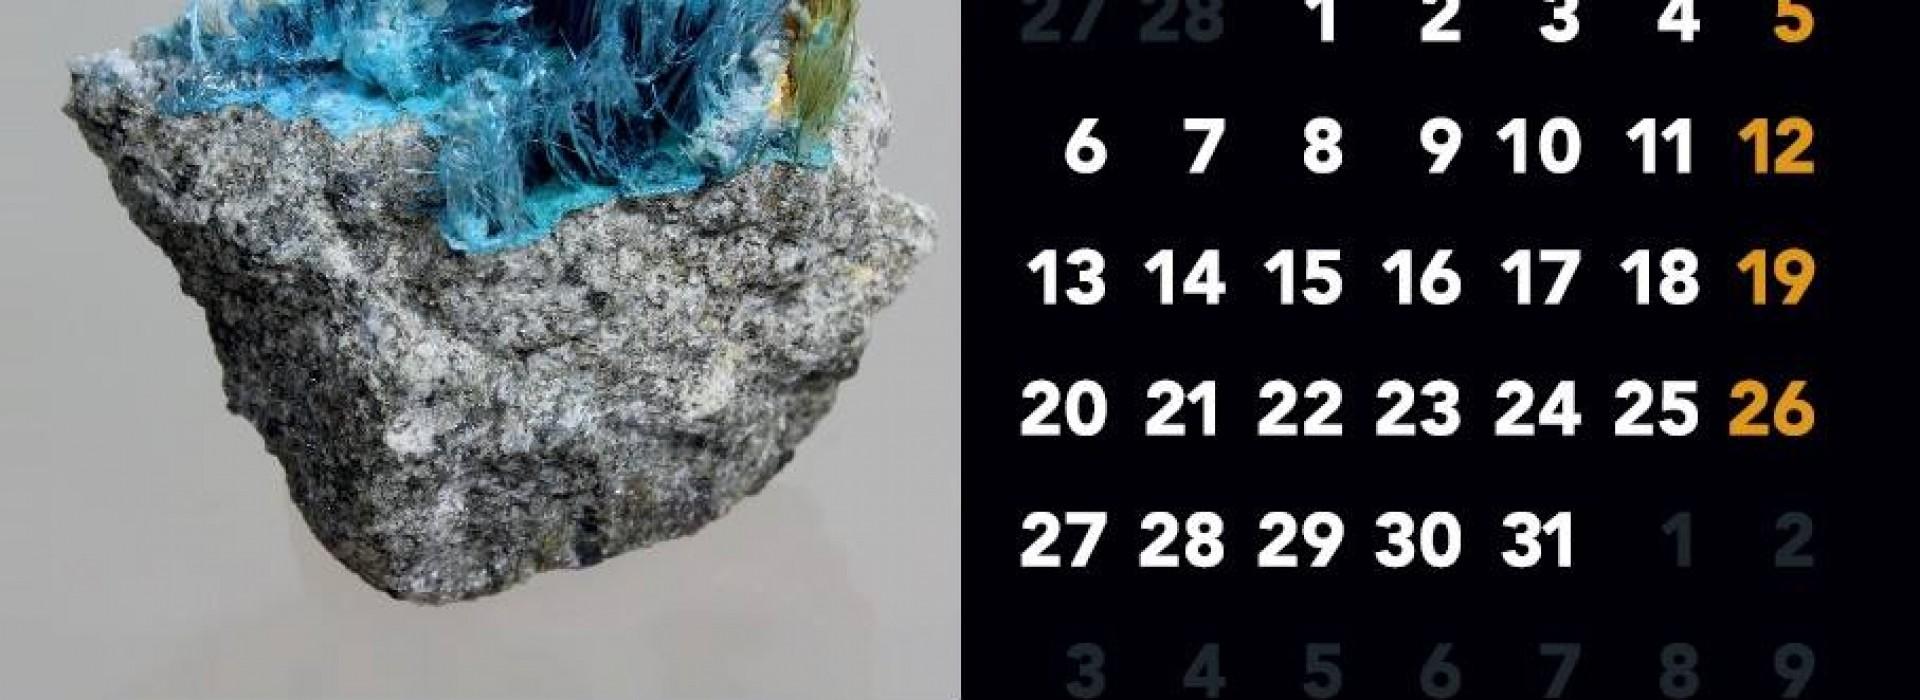 Calendari GMC 2016. Pàgina pel mes de Març.